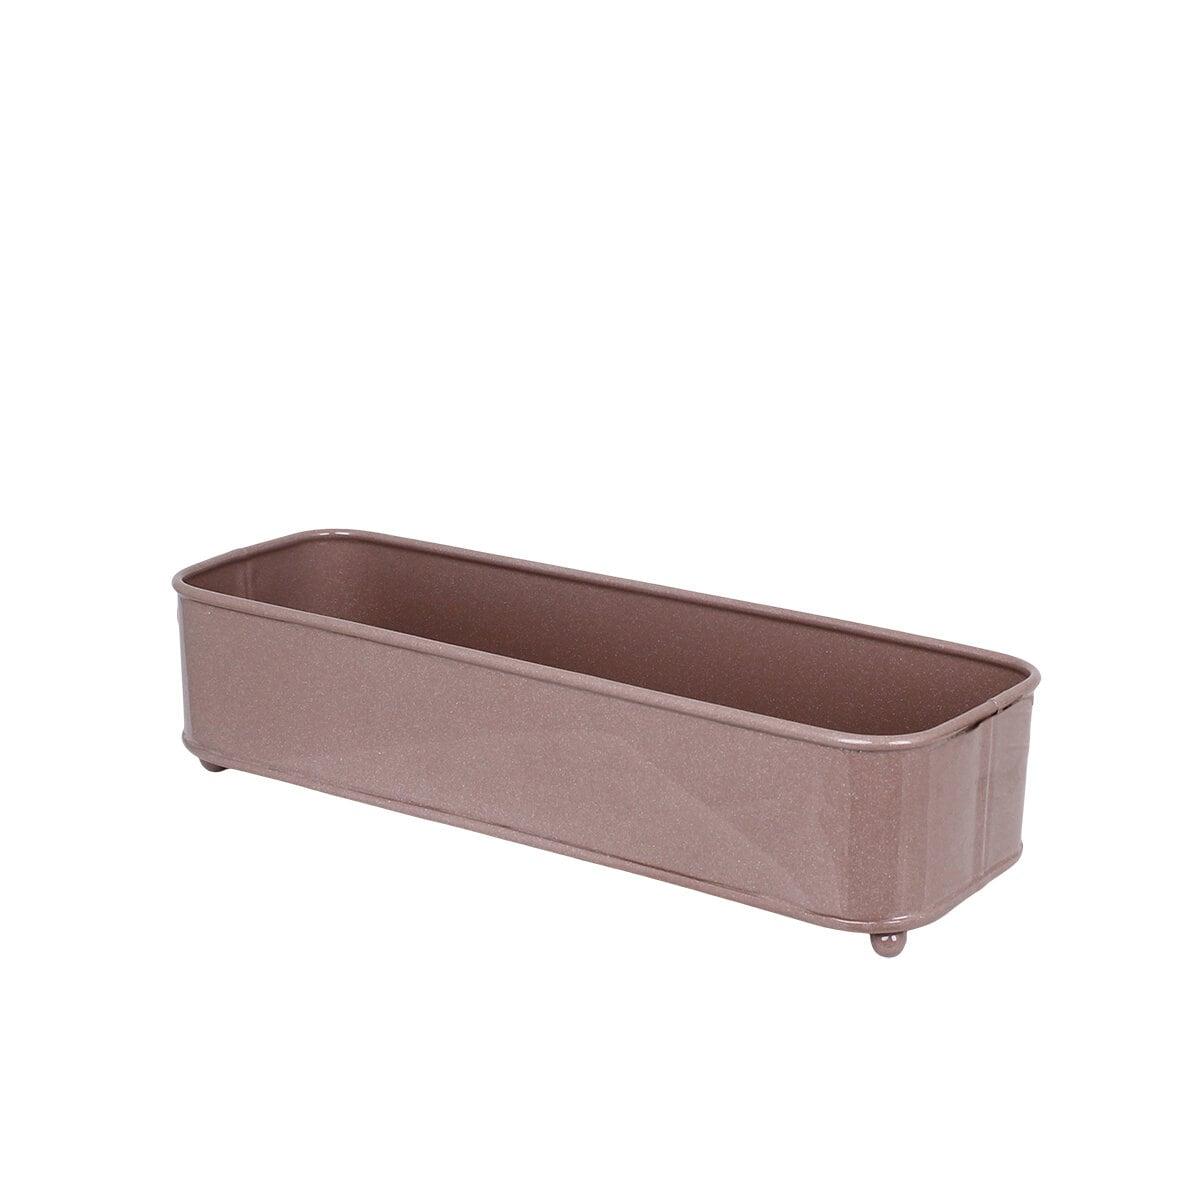 Box Ingrid Pink